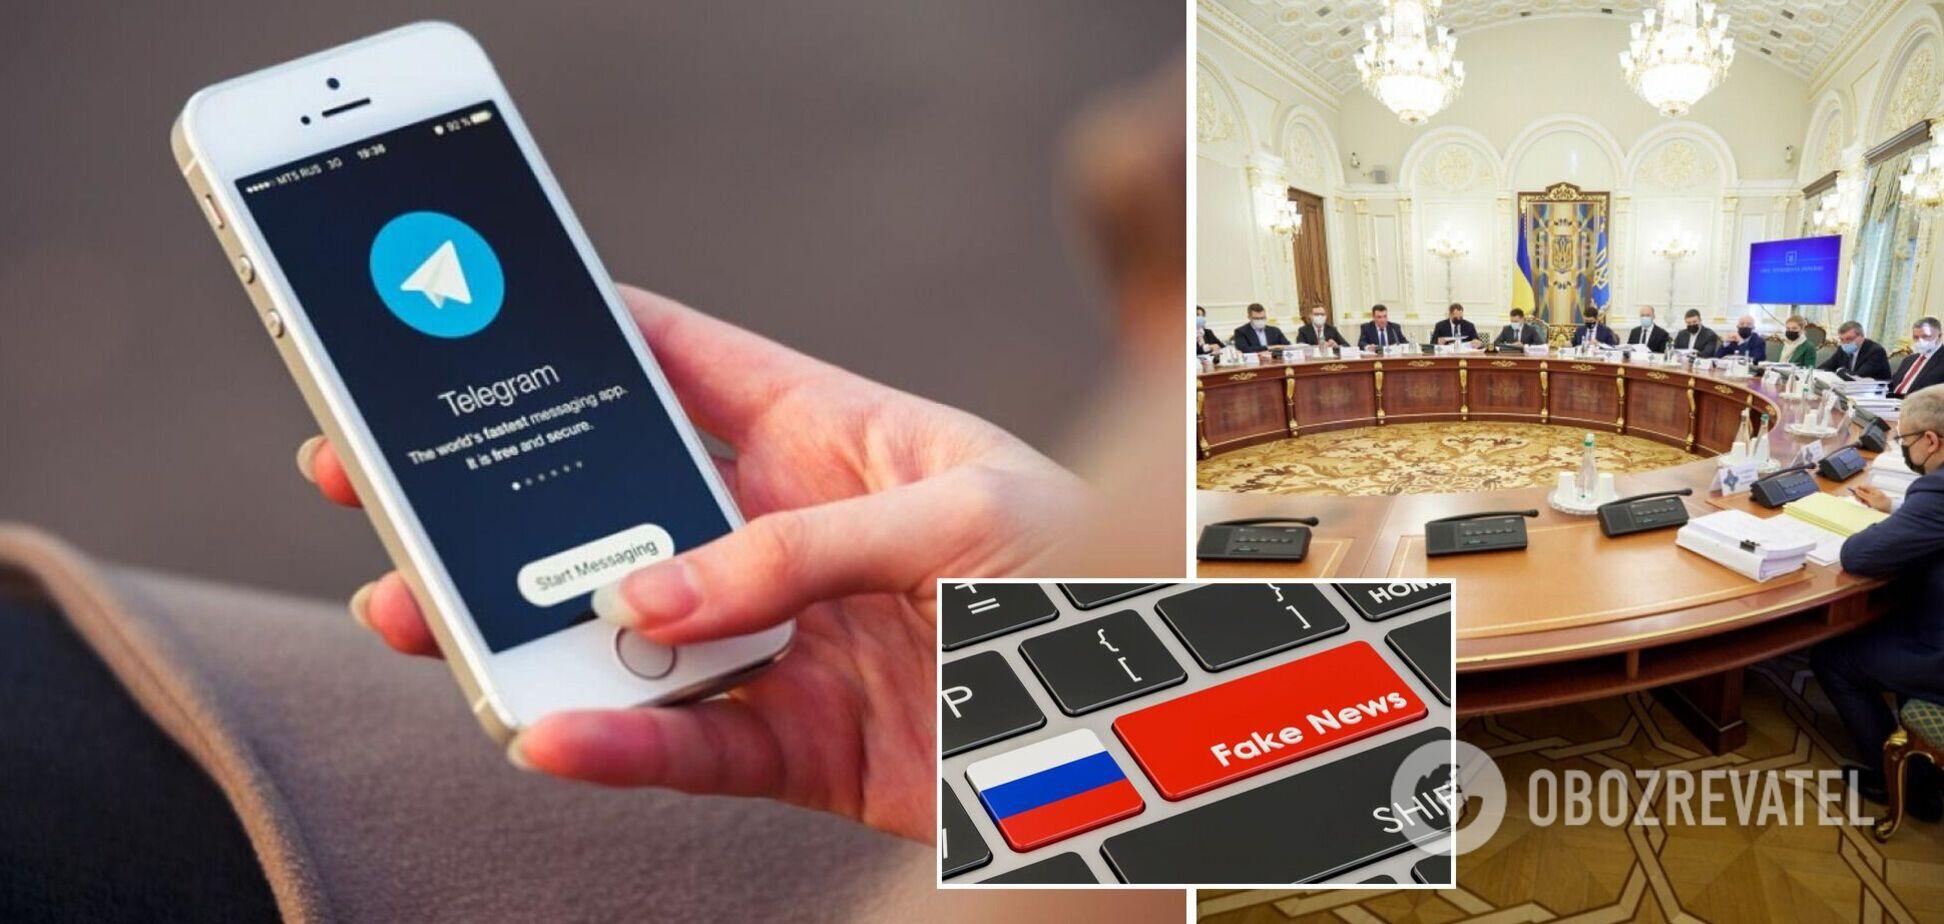 РНБО оприлюднила список проросійських Telegram-каналів: просувають ворожі наративи